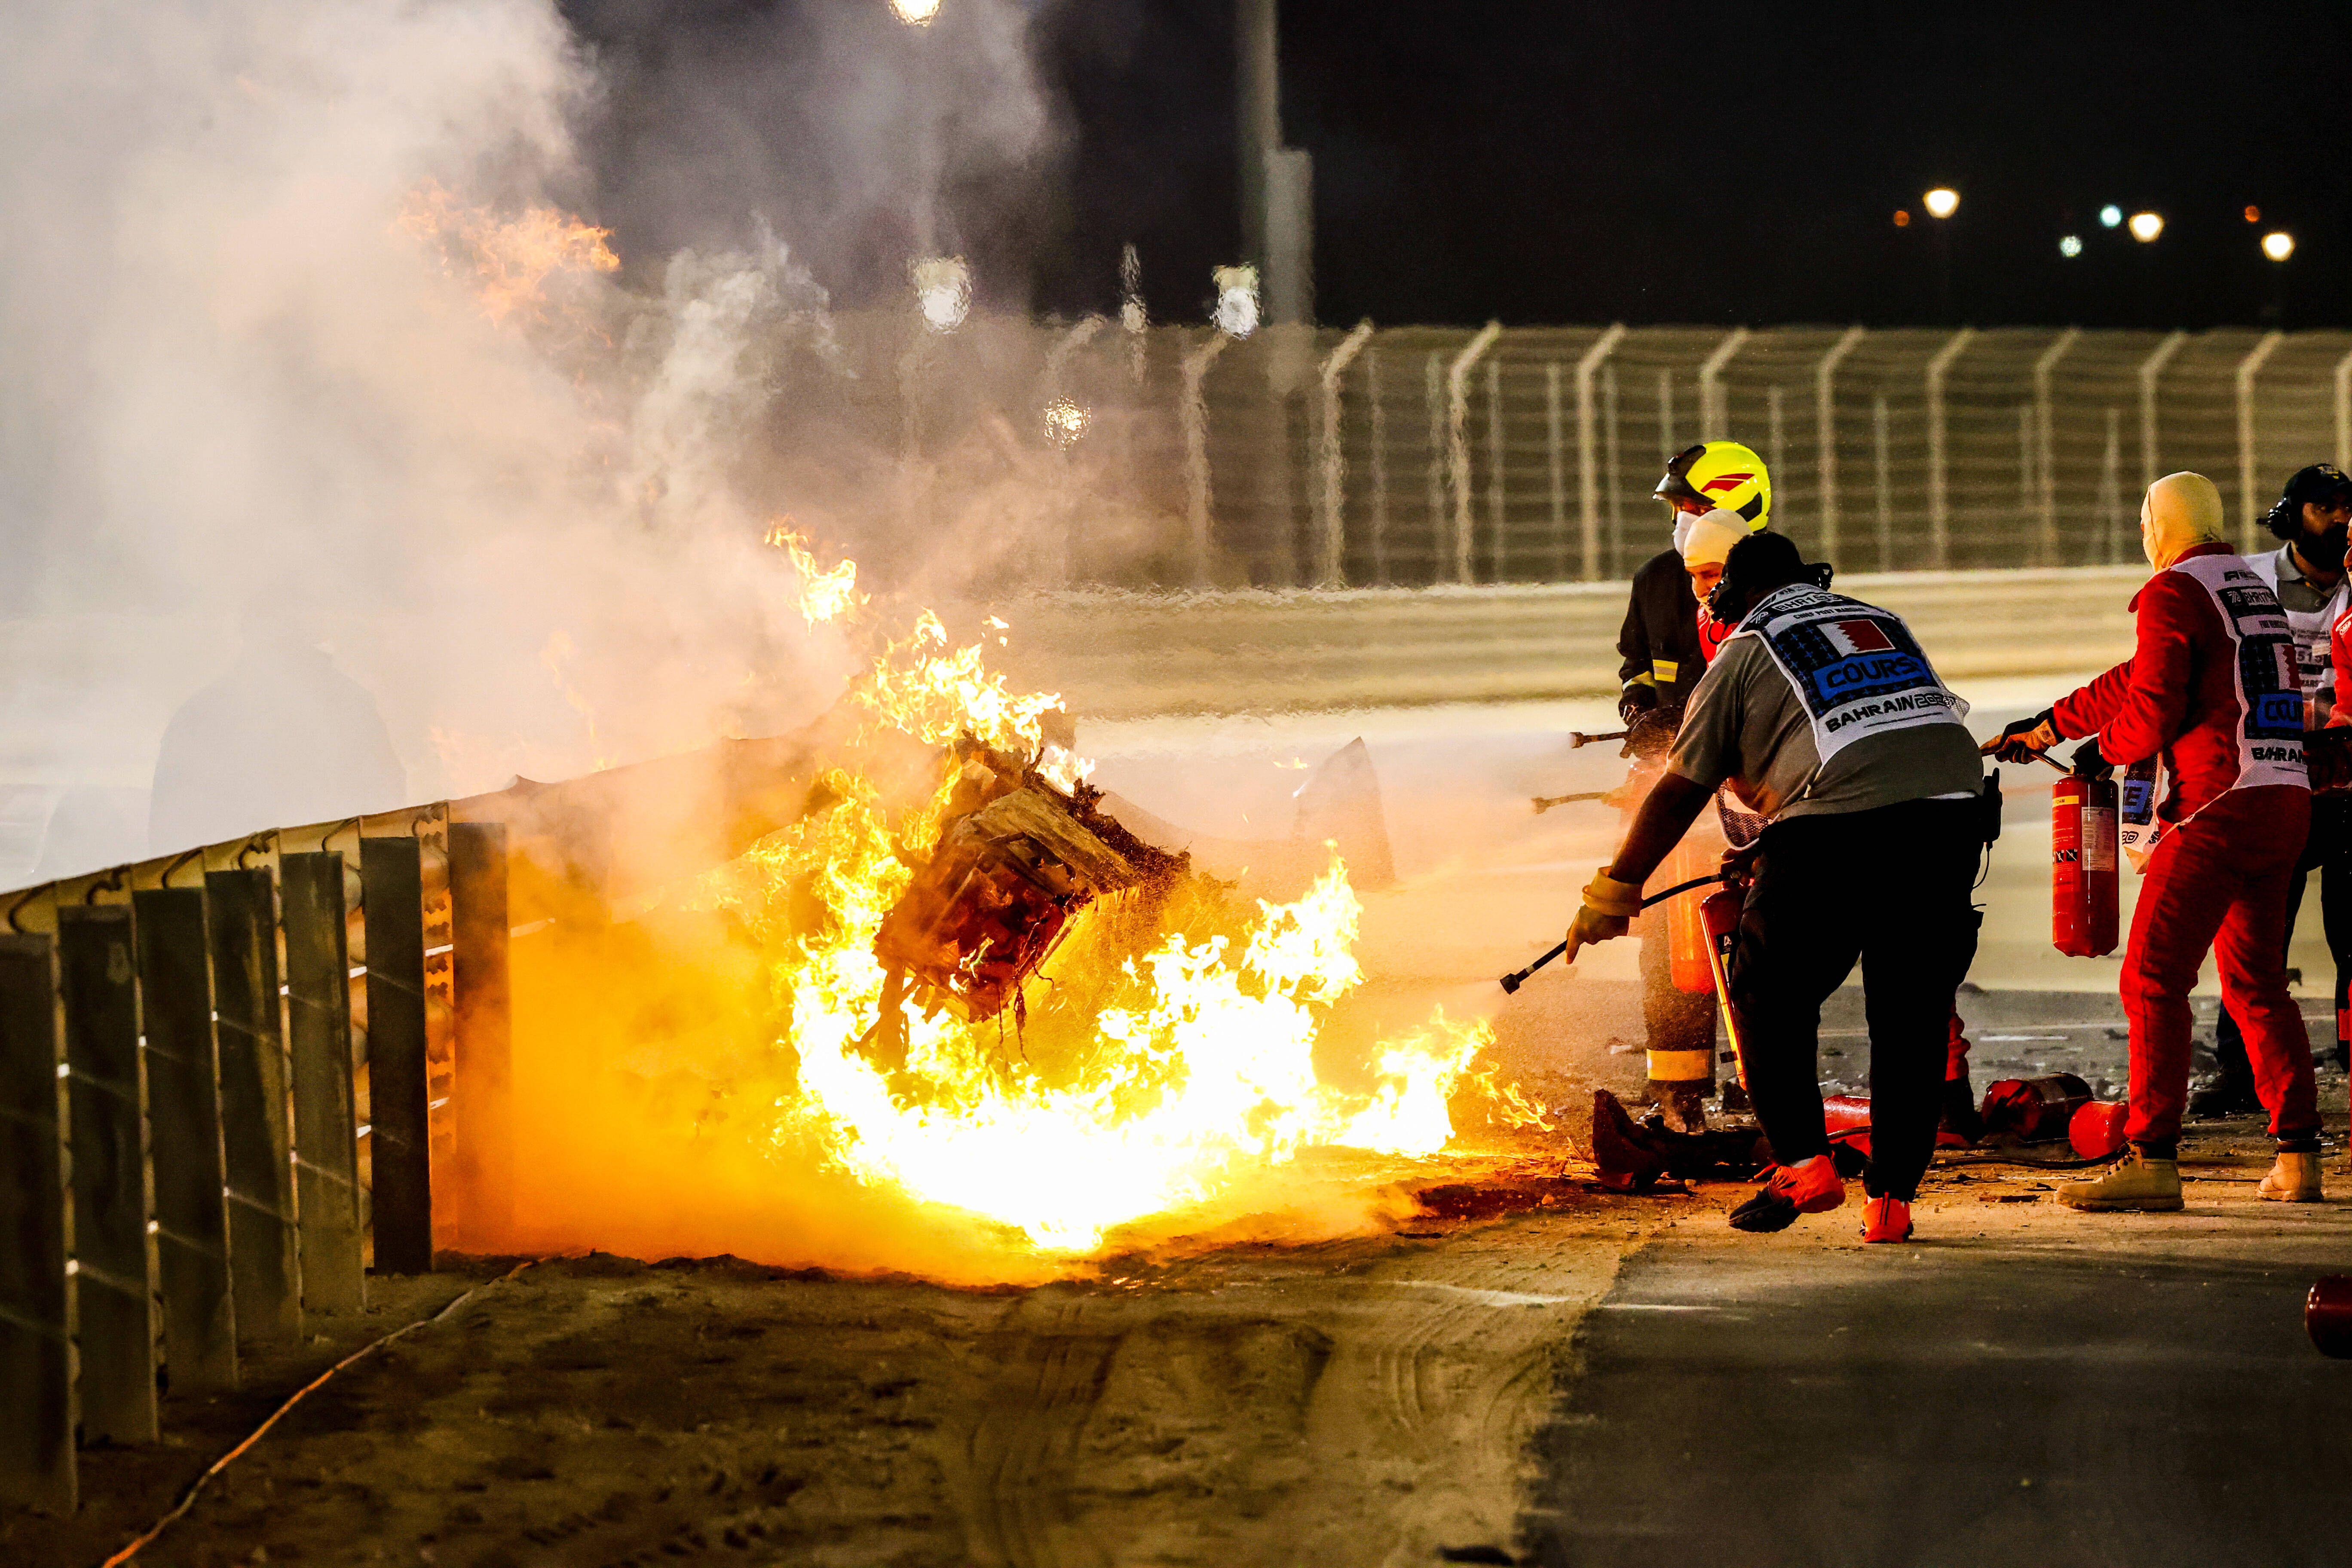 Грожан рассказал, будет ли он участвовать в Гран-при Абу-Даби